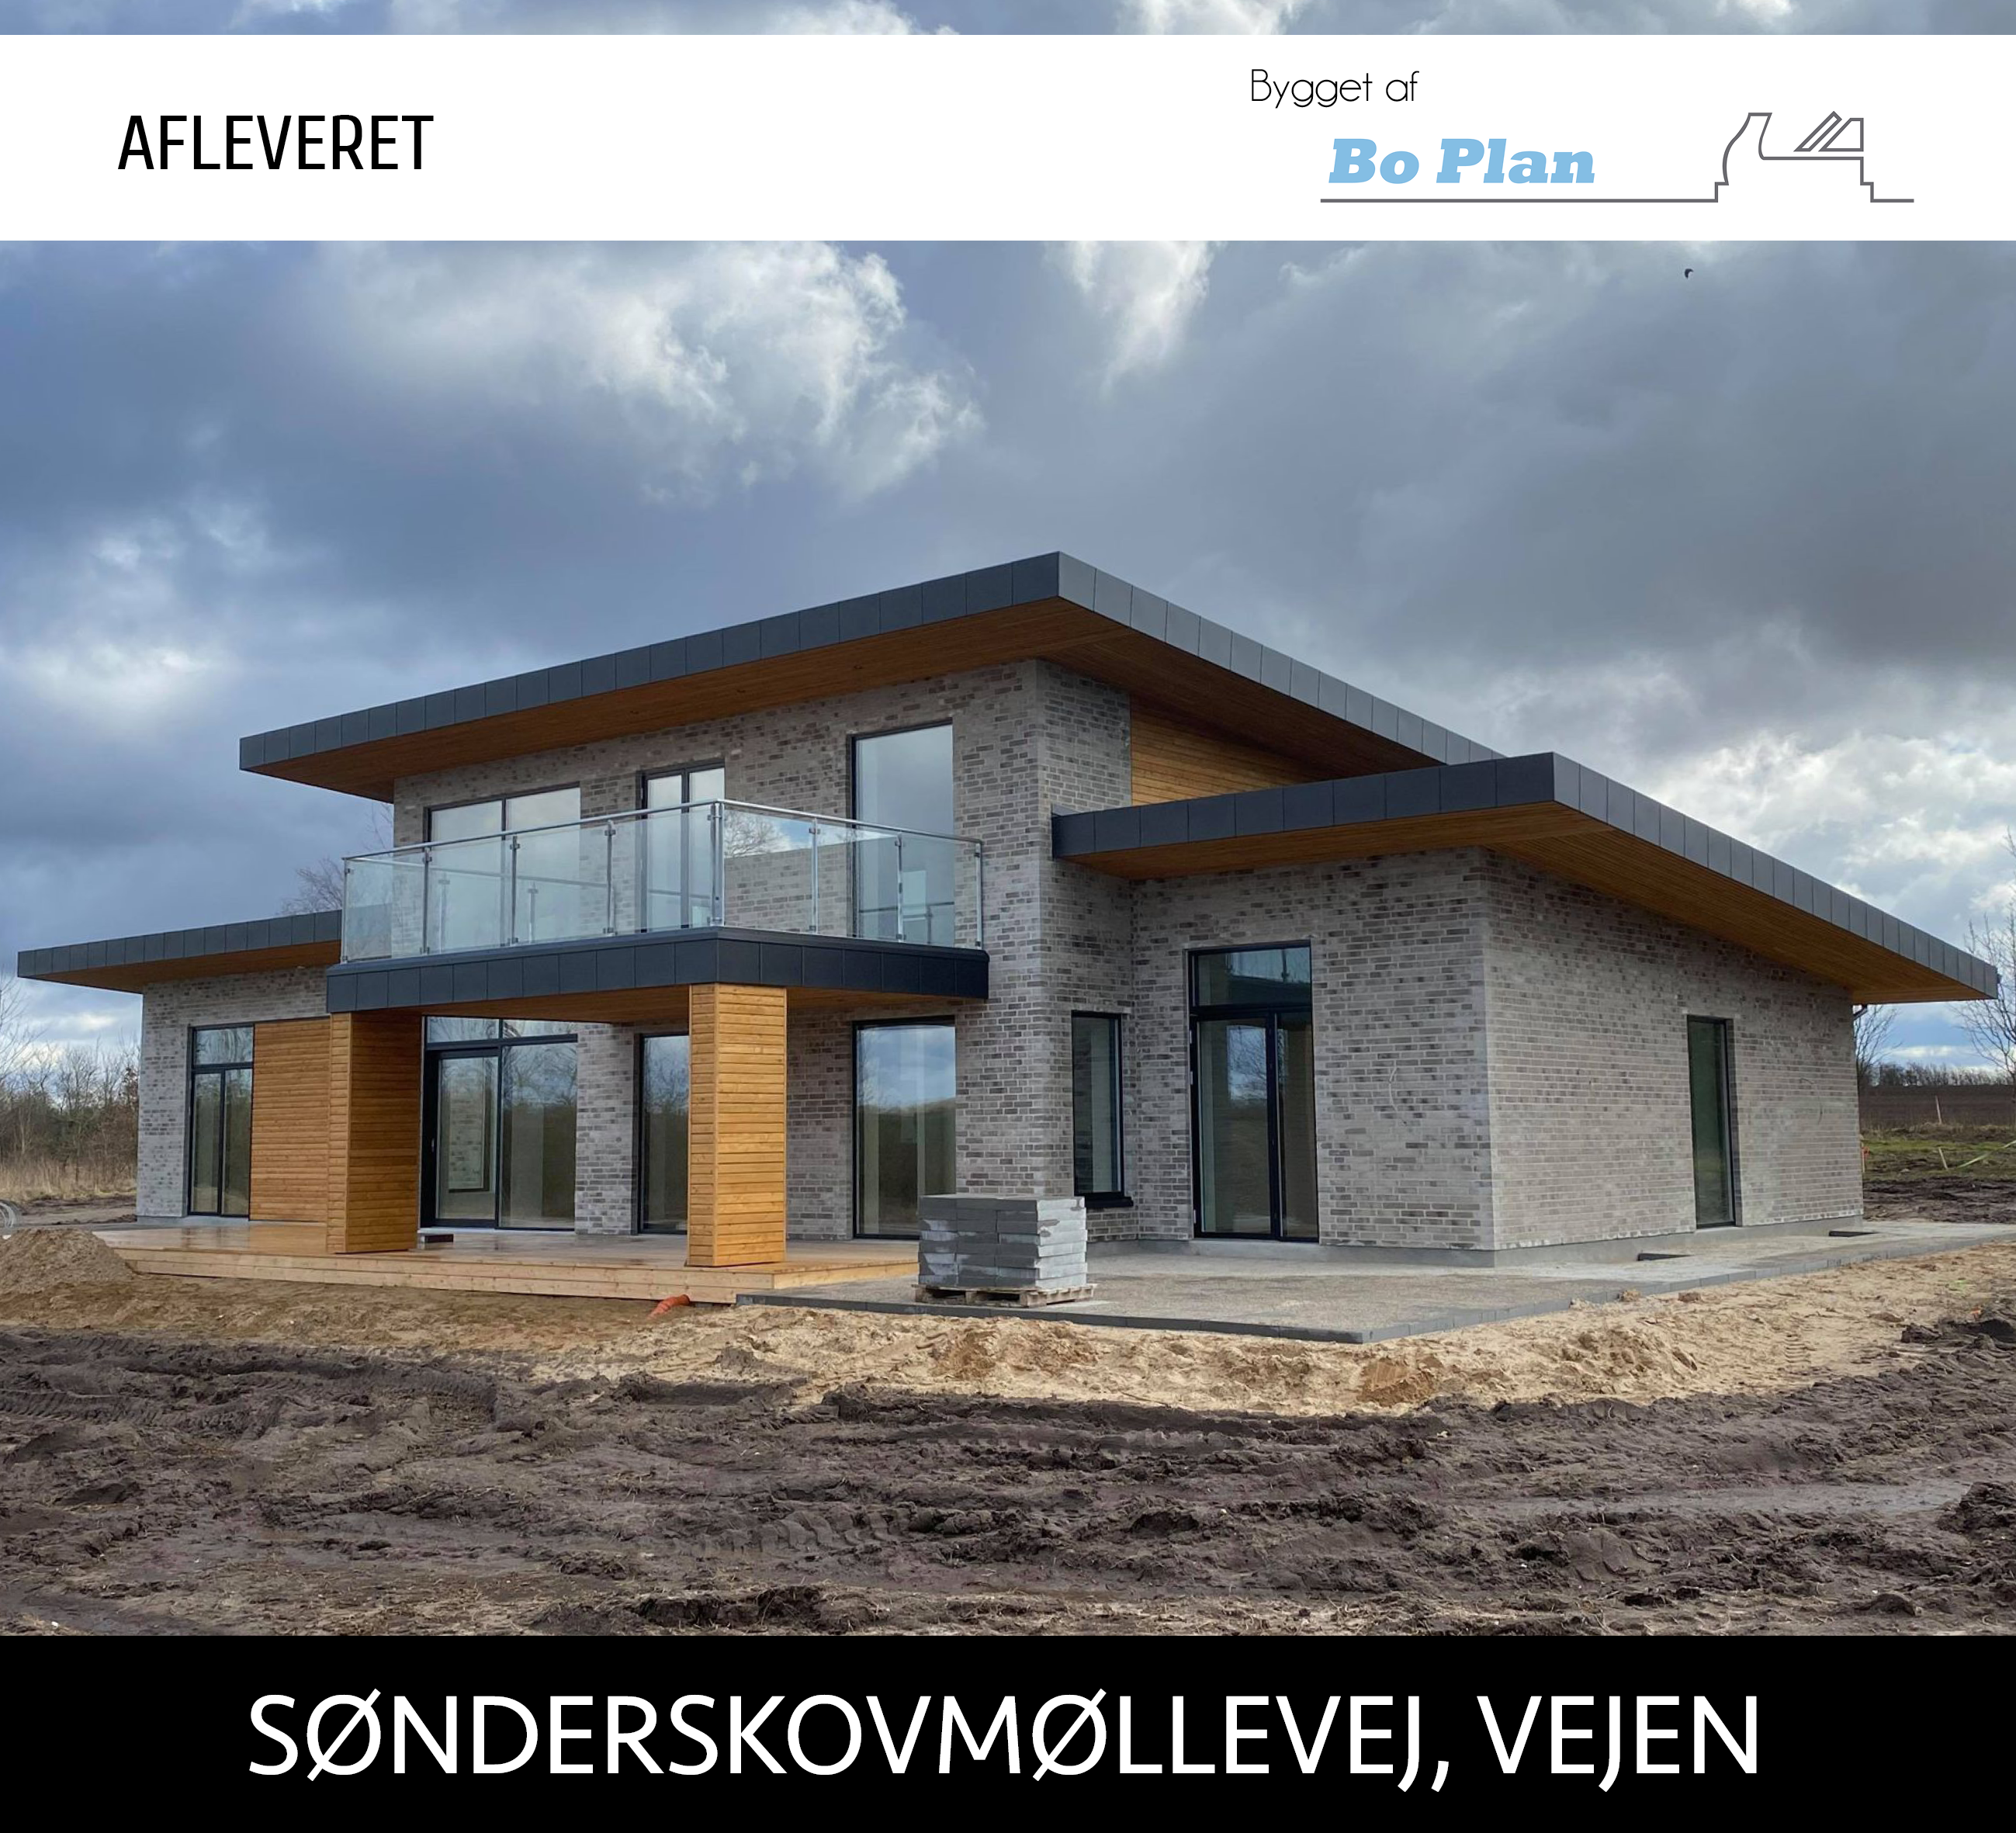 Sønderskovmøllevej,Vejen_afleveret2